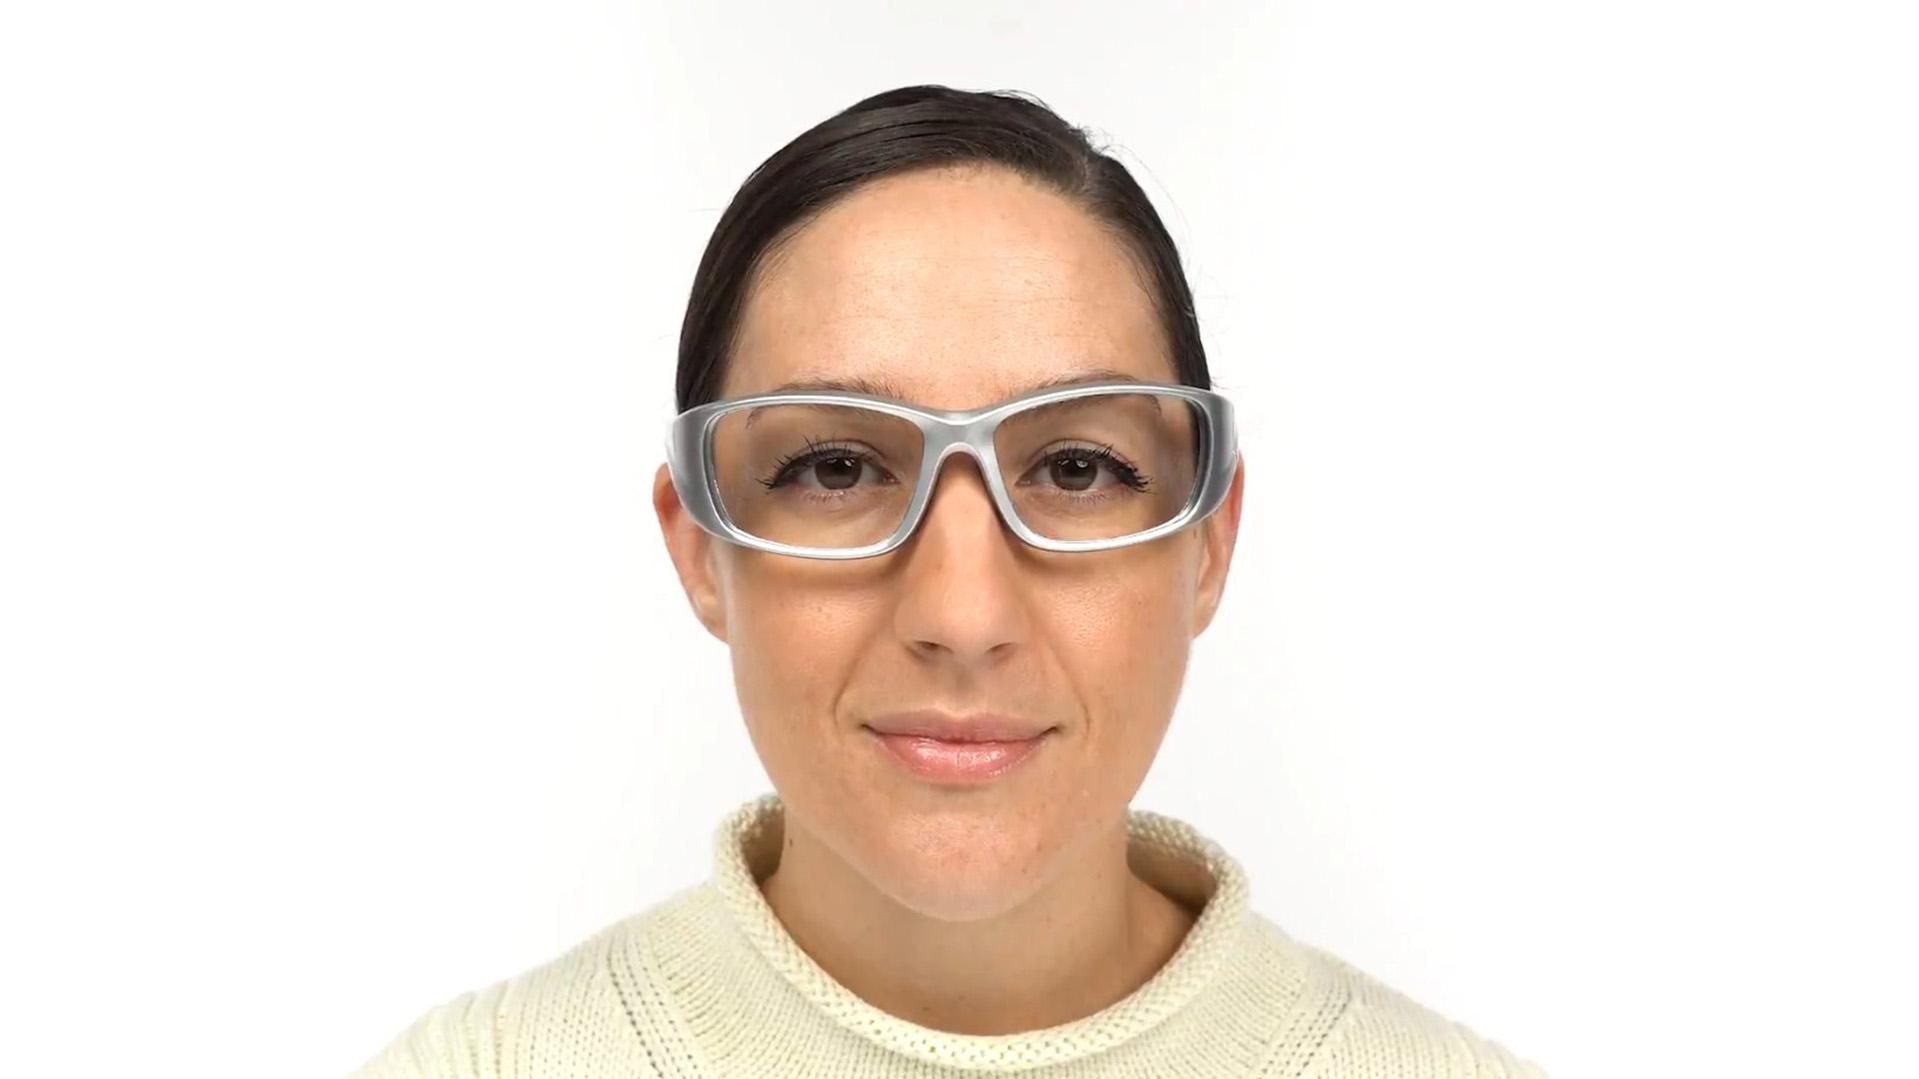 Matrix Fontana Prescription Safety Glasses -- ANSI Z87.1 Rated